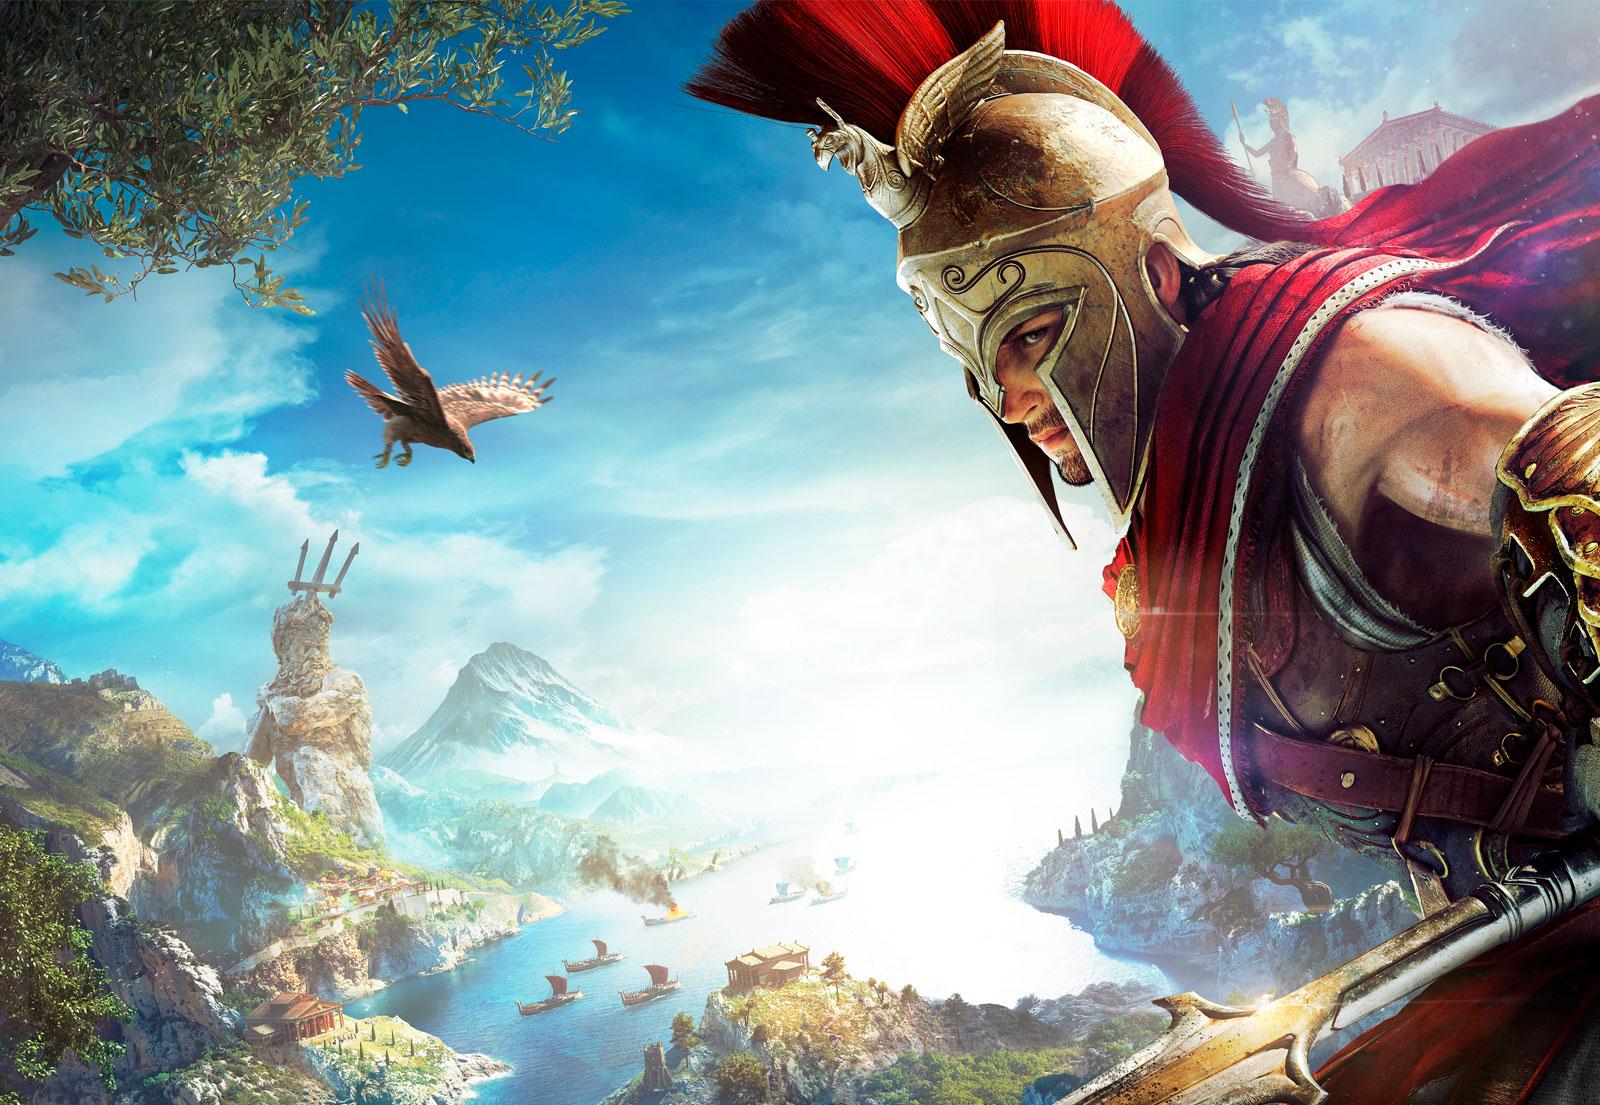 Explorando o mundo de Assassin's Creed Odyssey